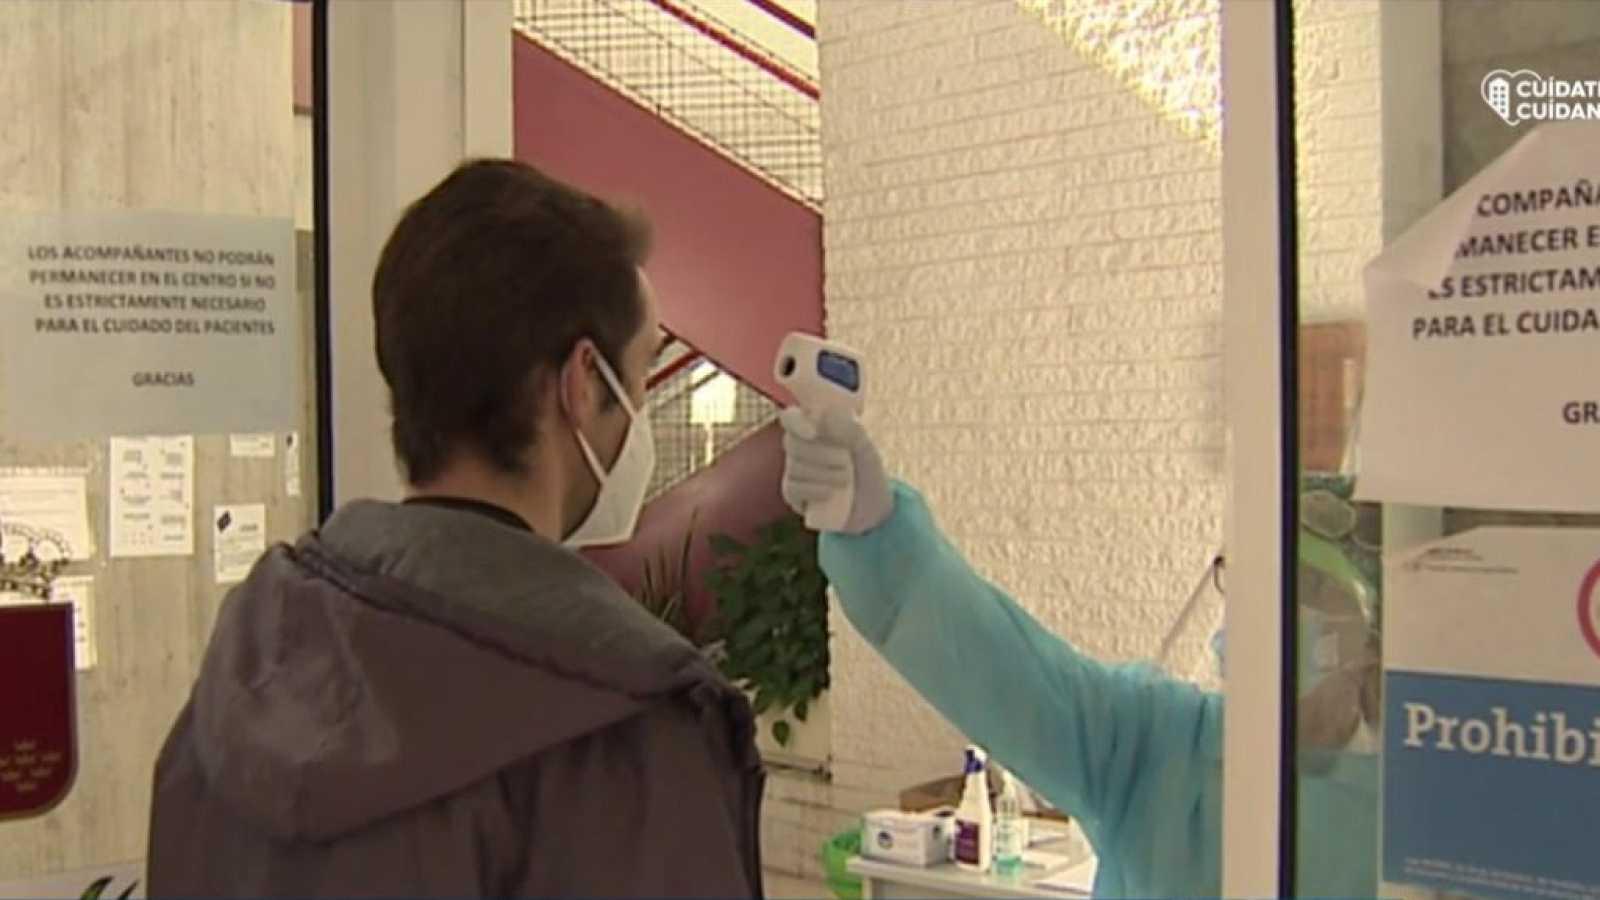 Especial Informativo - Coronavirus - 14 h. - 13/05/20 - ver ahora